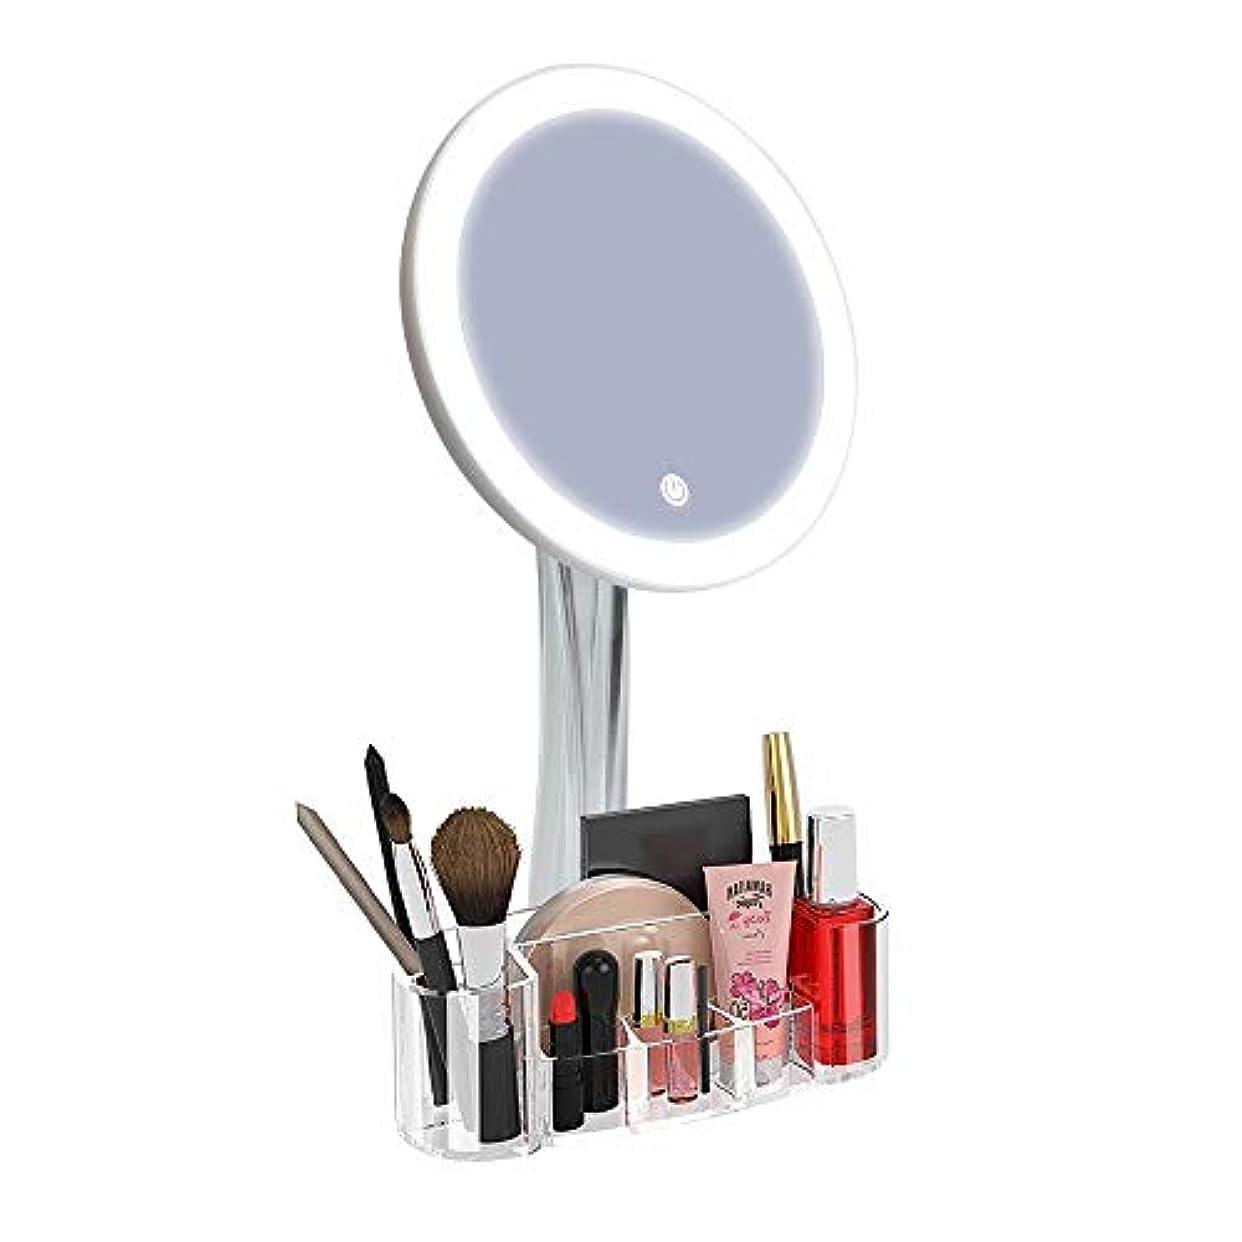 ではごきげんよう不機嫌魅力的であることへのアピール化粧鏡 メイクミラー 女優ミラー 鏡 卓上 16LEDライト付きミラー タッチスクリーン付きミラー 5倍拡大鏡 化粧品収納ボックス 明るさ調節可能 180度回転 USB/単三電池給電